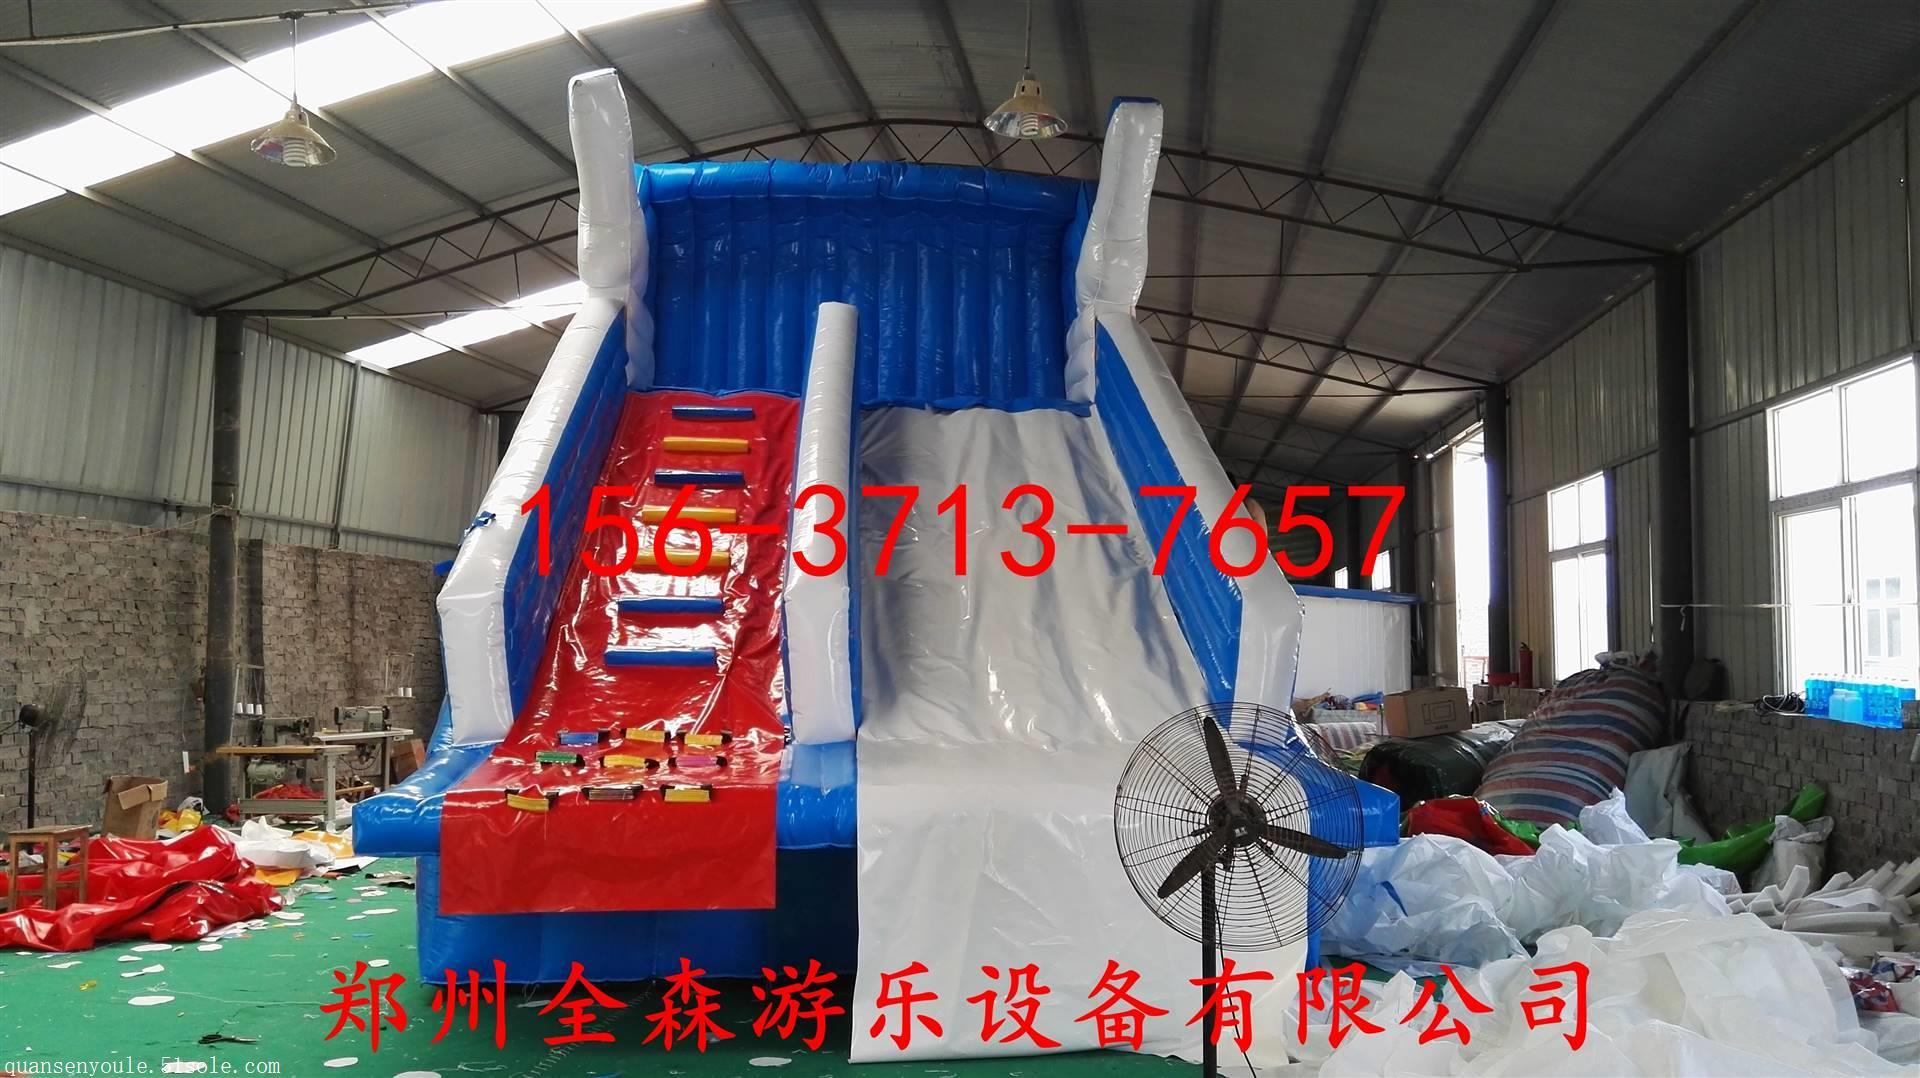 充气城堡水滑梯多少钱一个/郑州充气水滑梯厂家直销